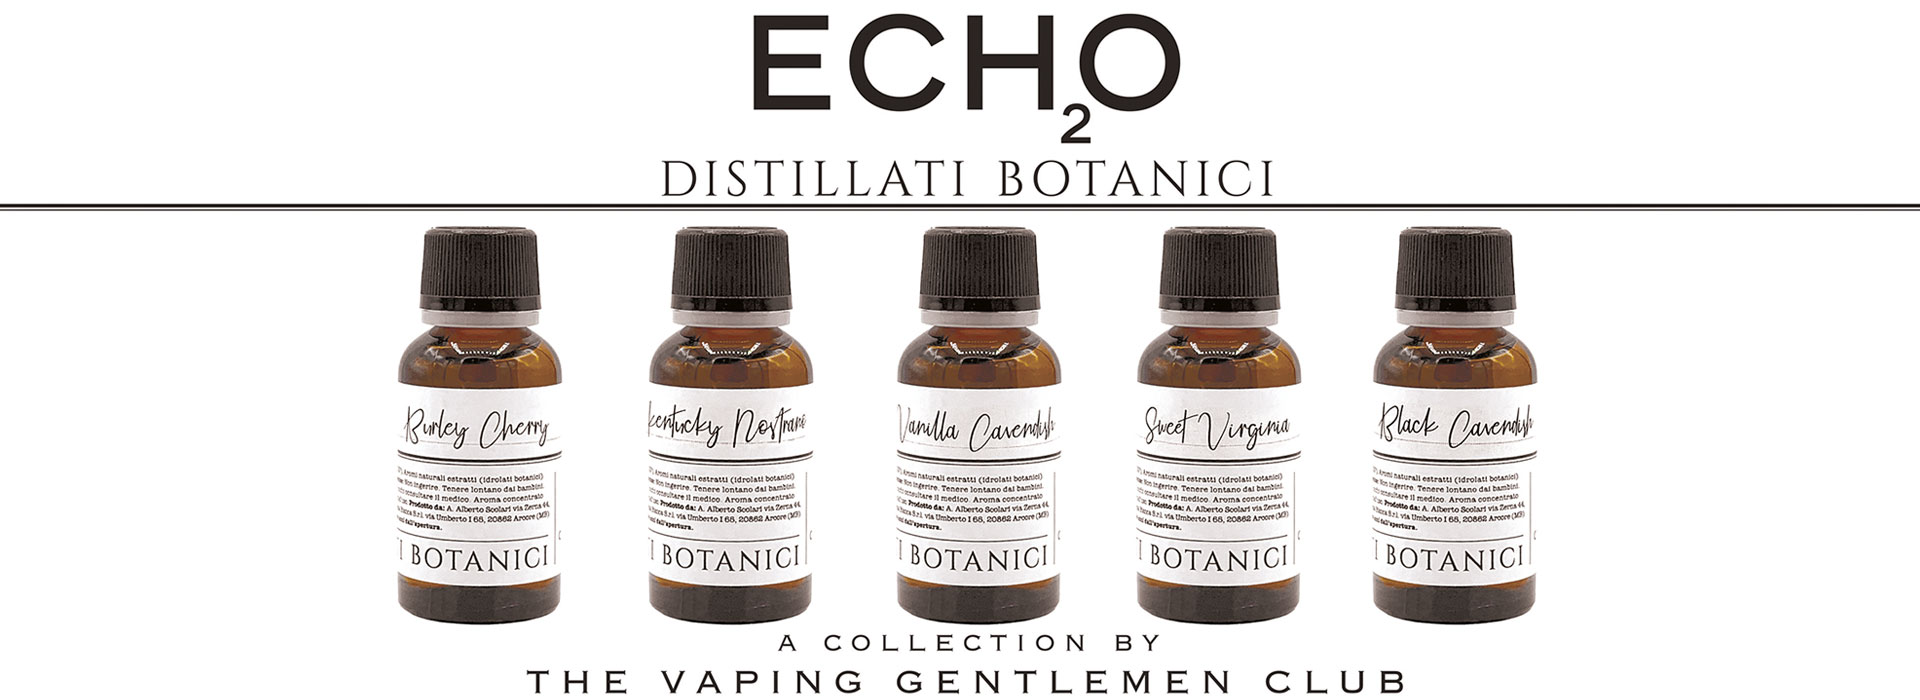 ECHO TVGC